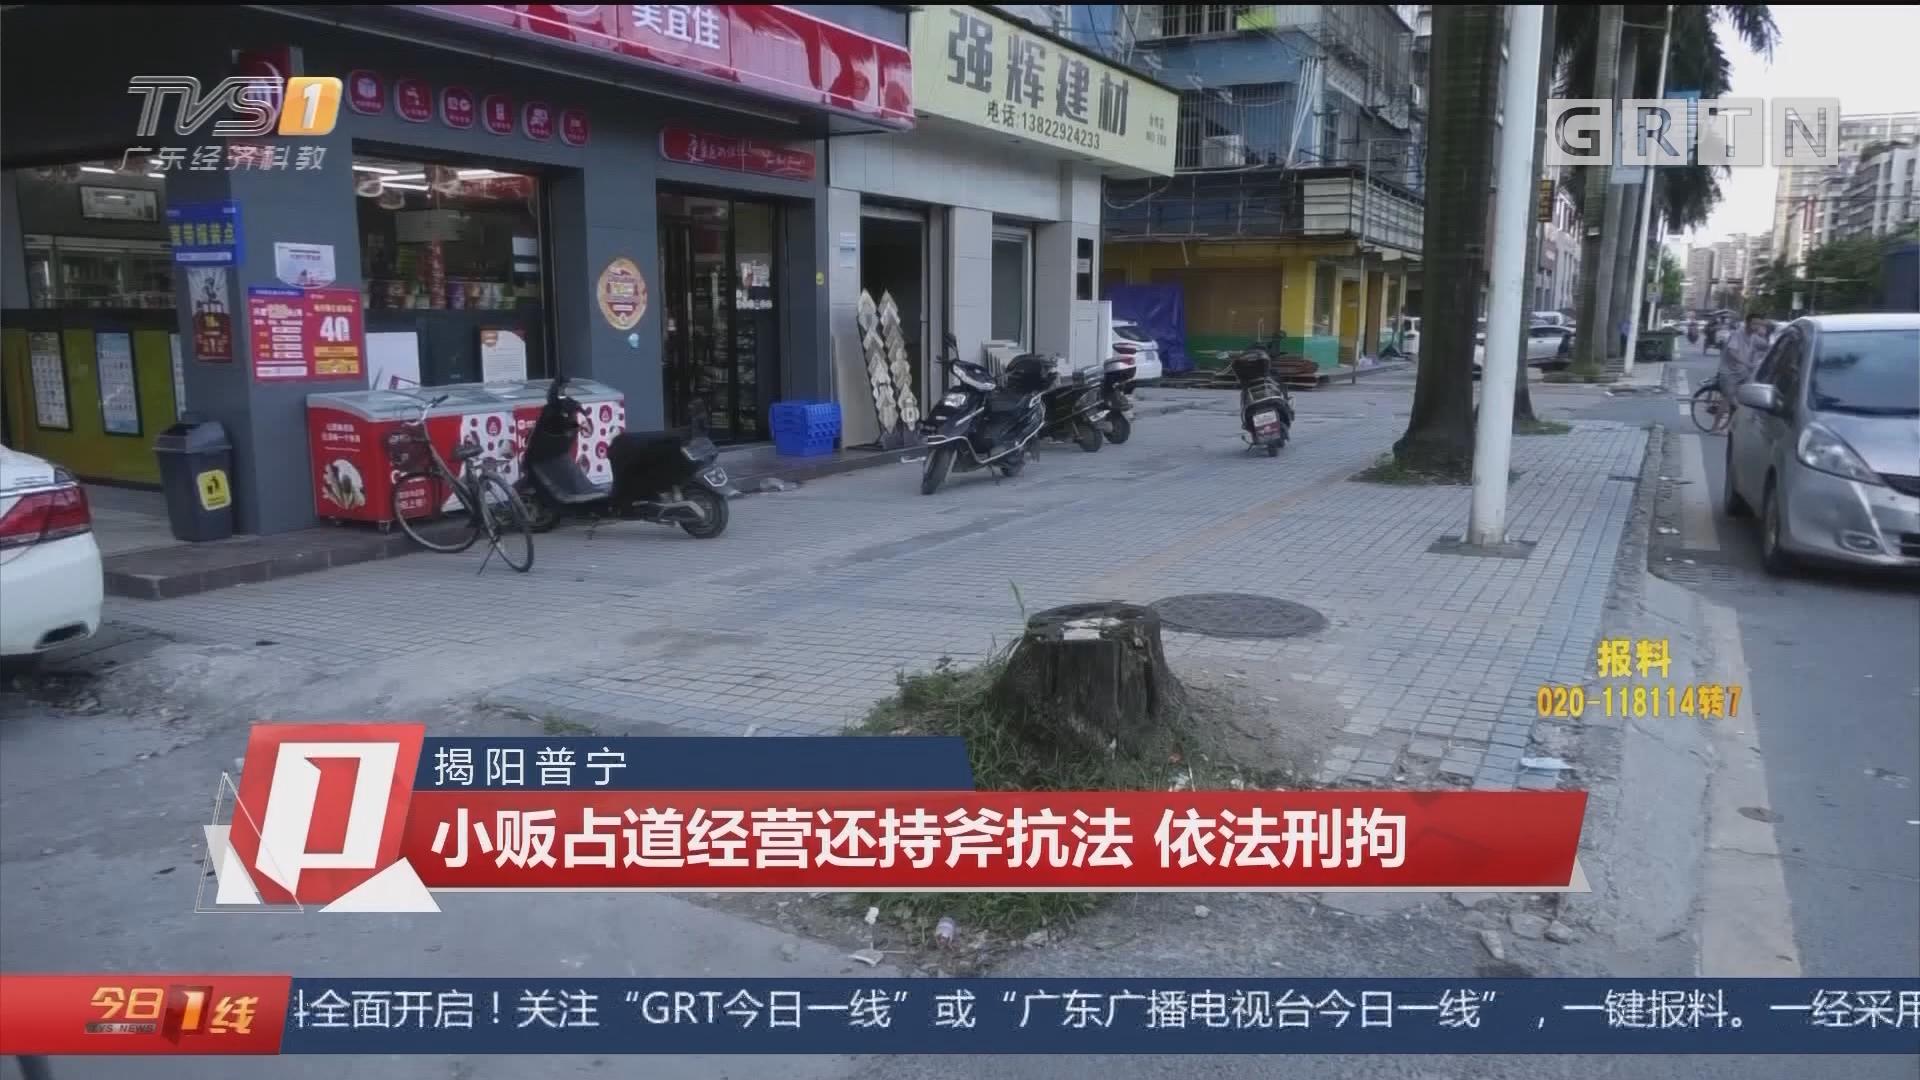 揭阳普宁:小贩占道经营还持斧抗法 依法刑拘